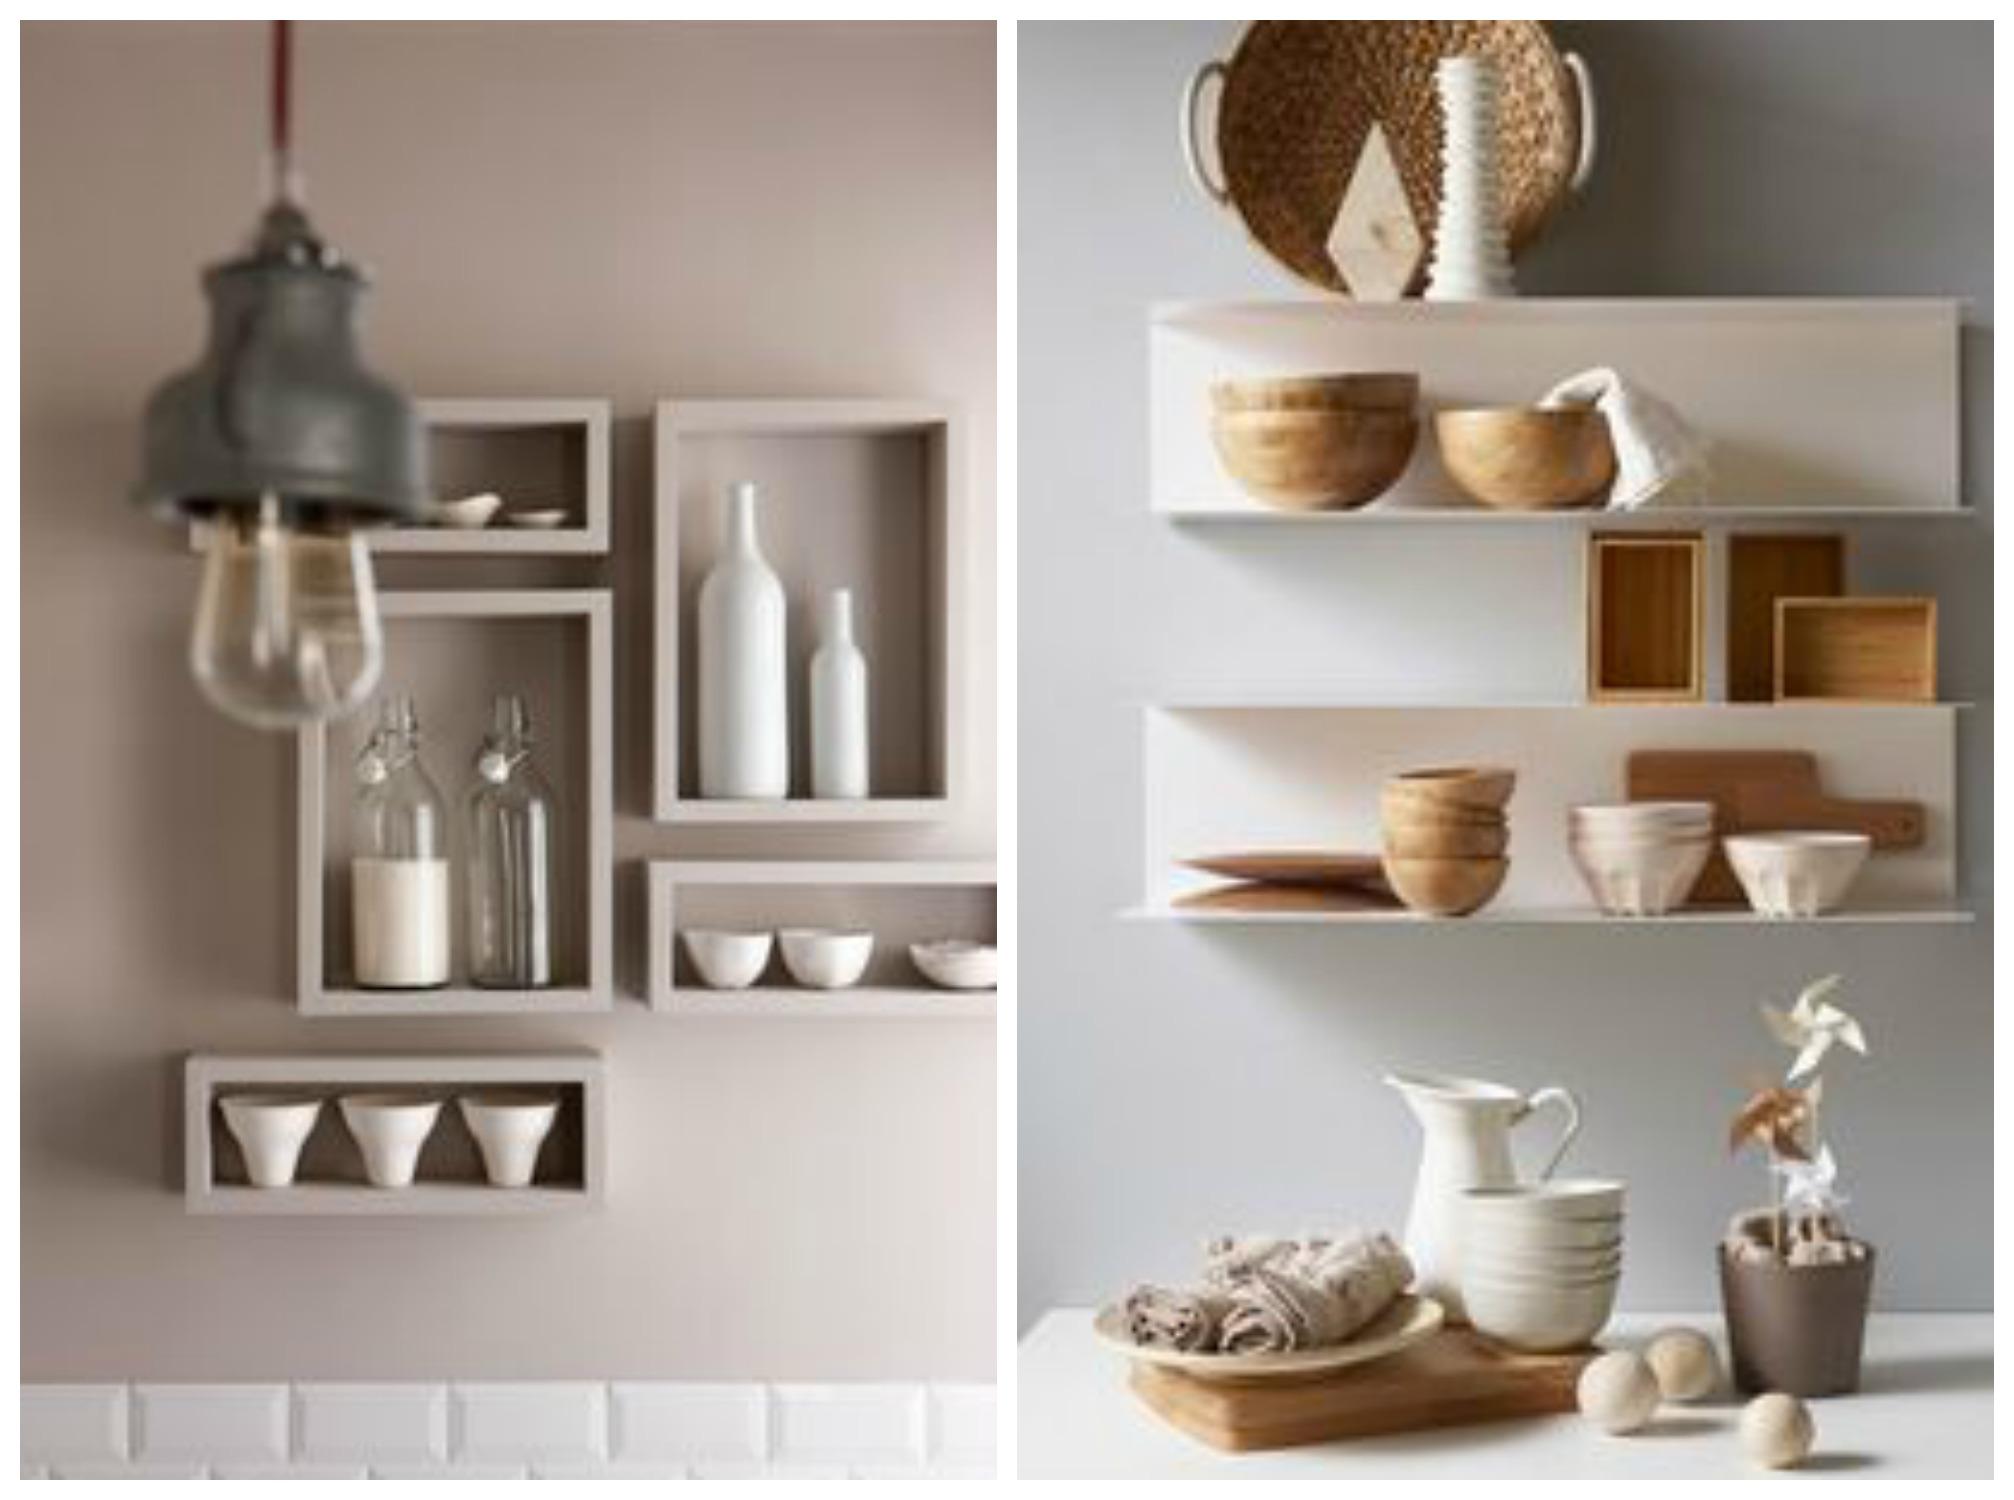 idee-per-decorare-parete-cucina-con-awesome-decorare-parete ...